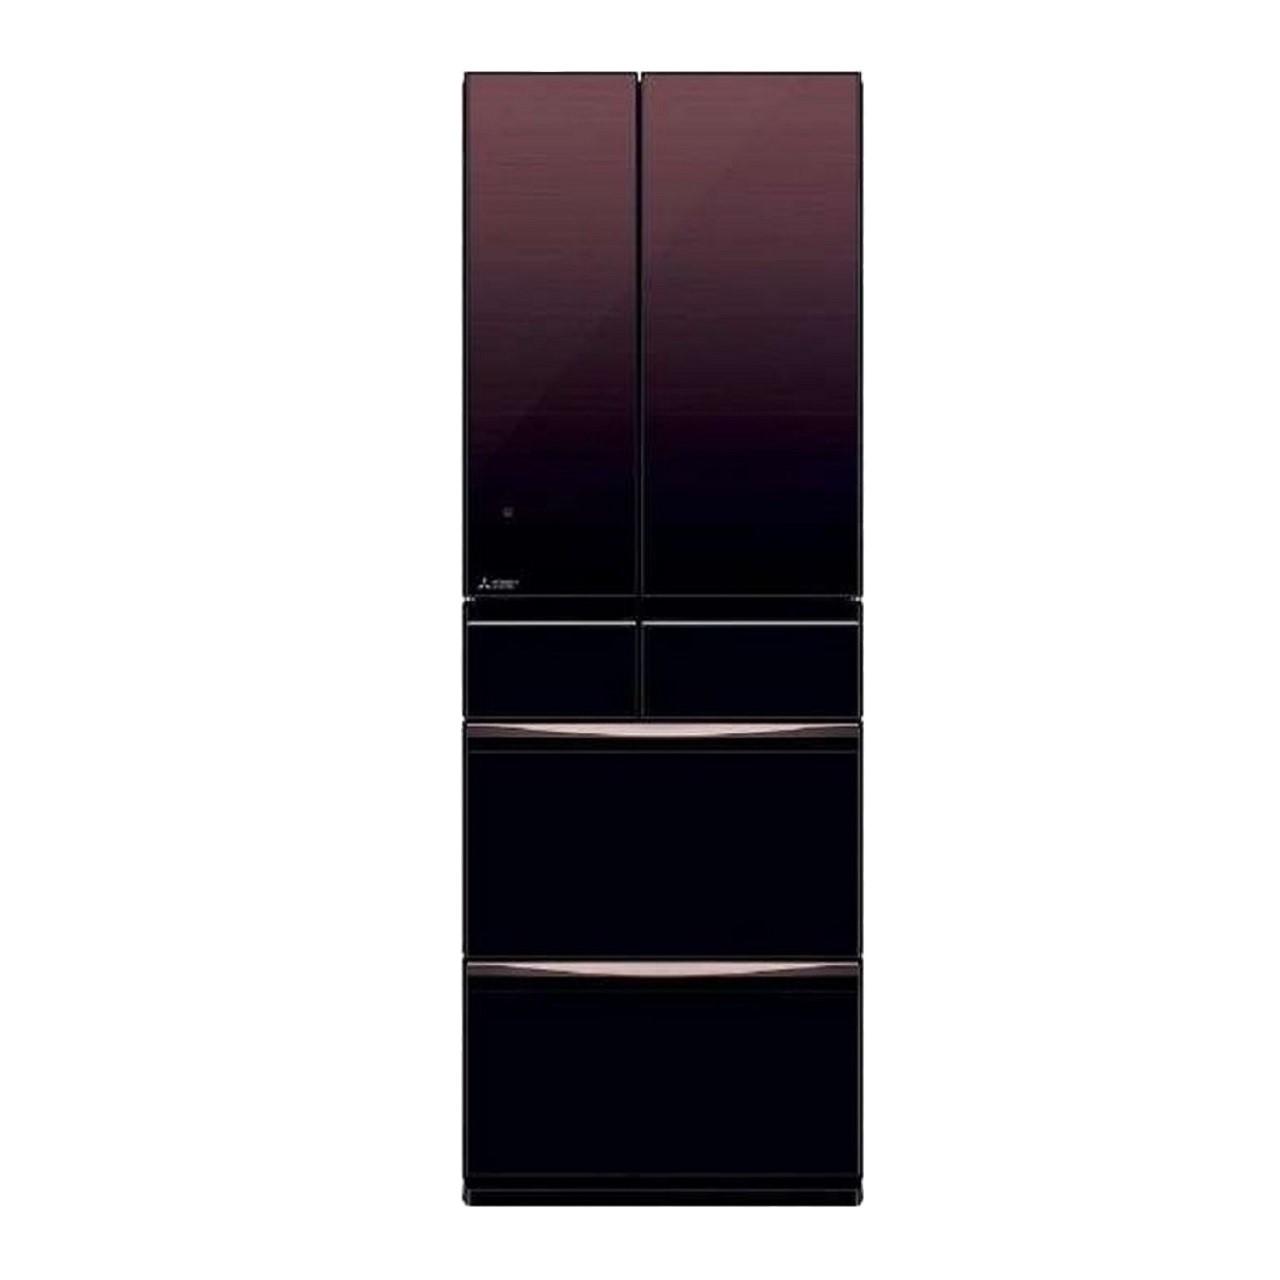 三菱 置けるスマート大容量 MXシリーズMR-MX50F冷蔵庫